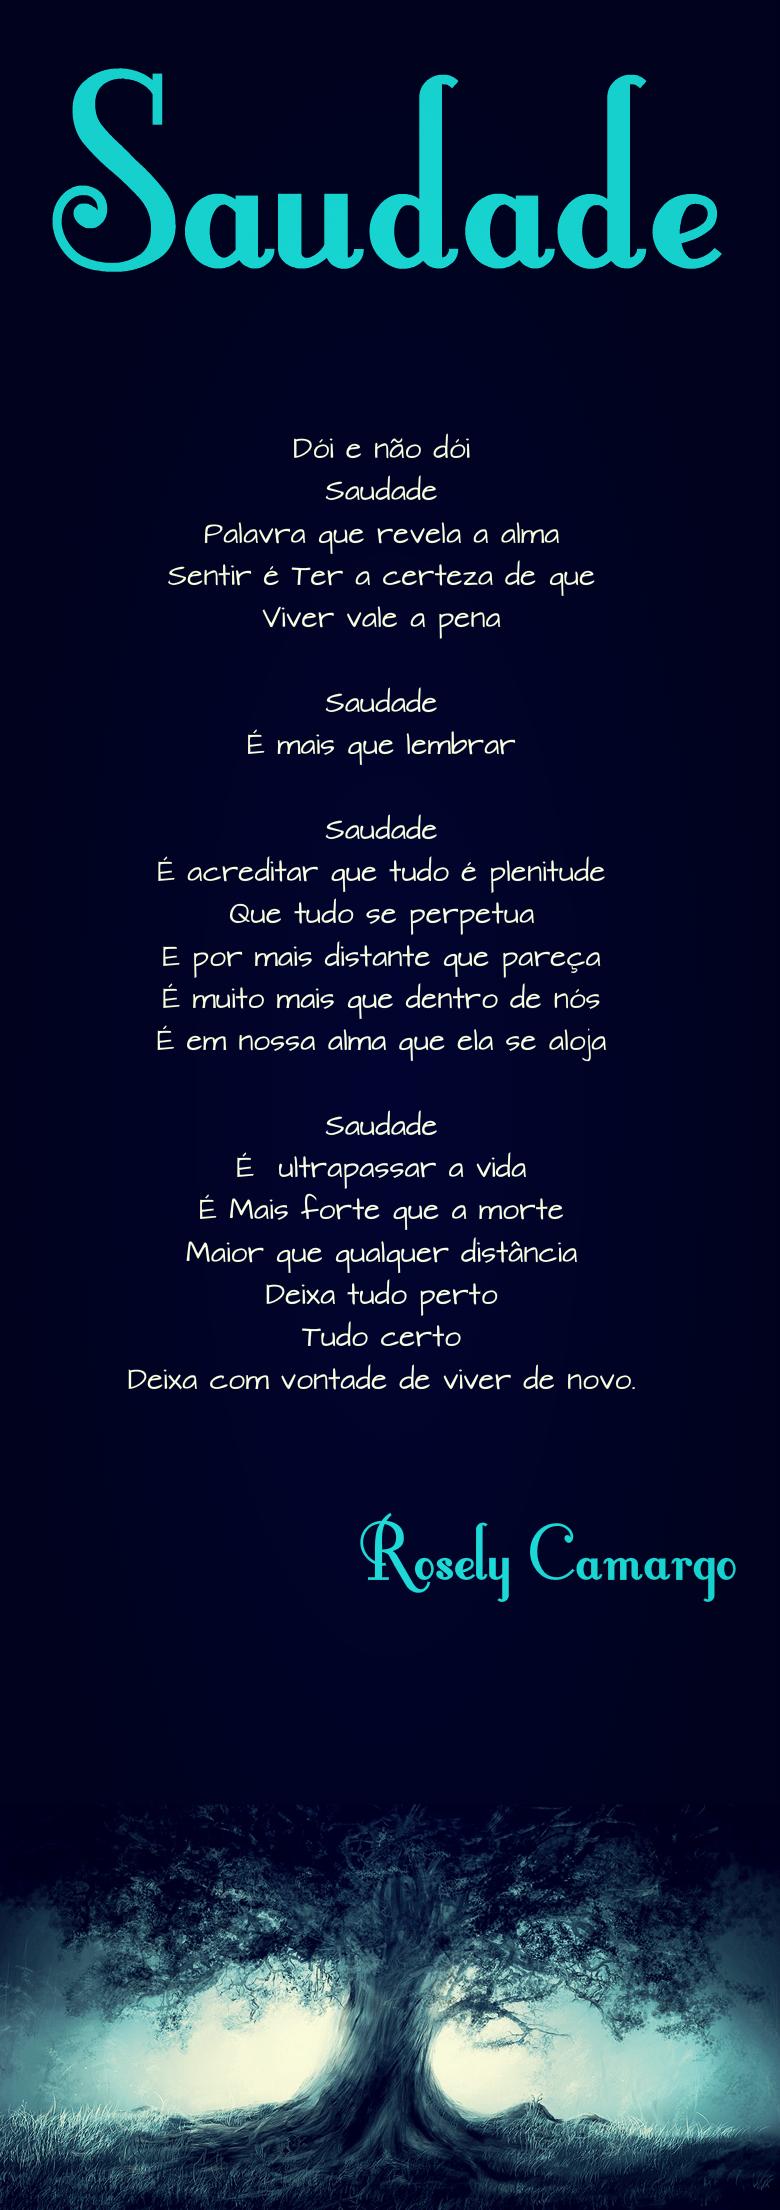 Saudade (1)